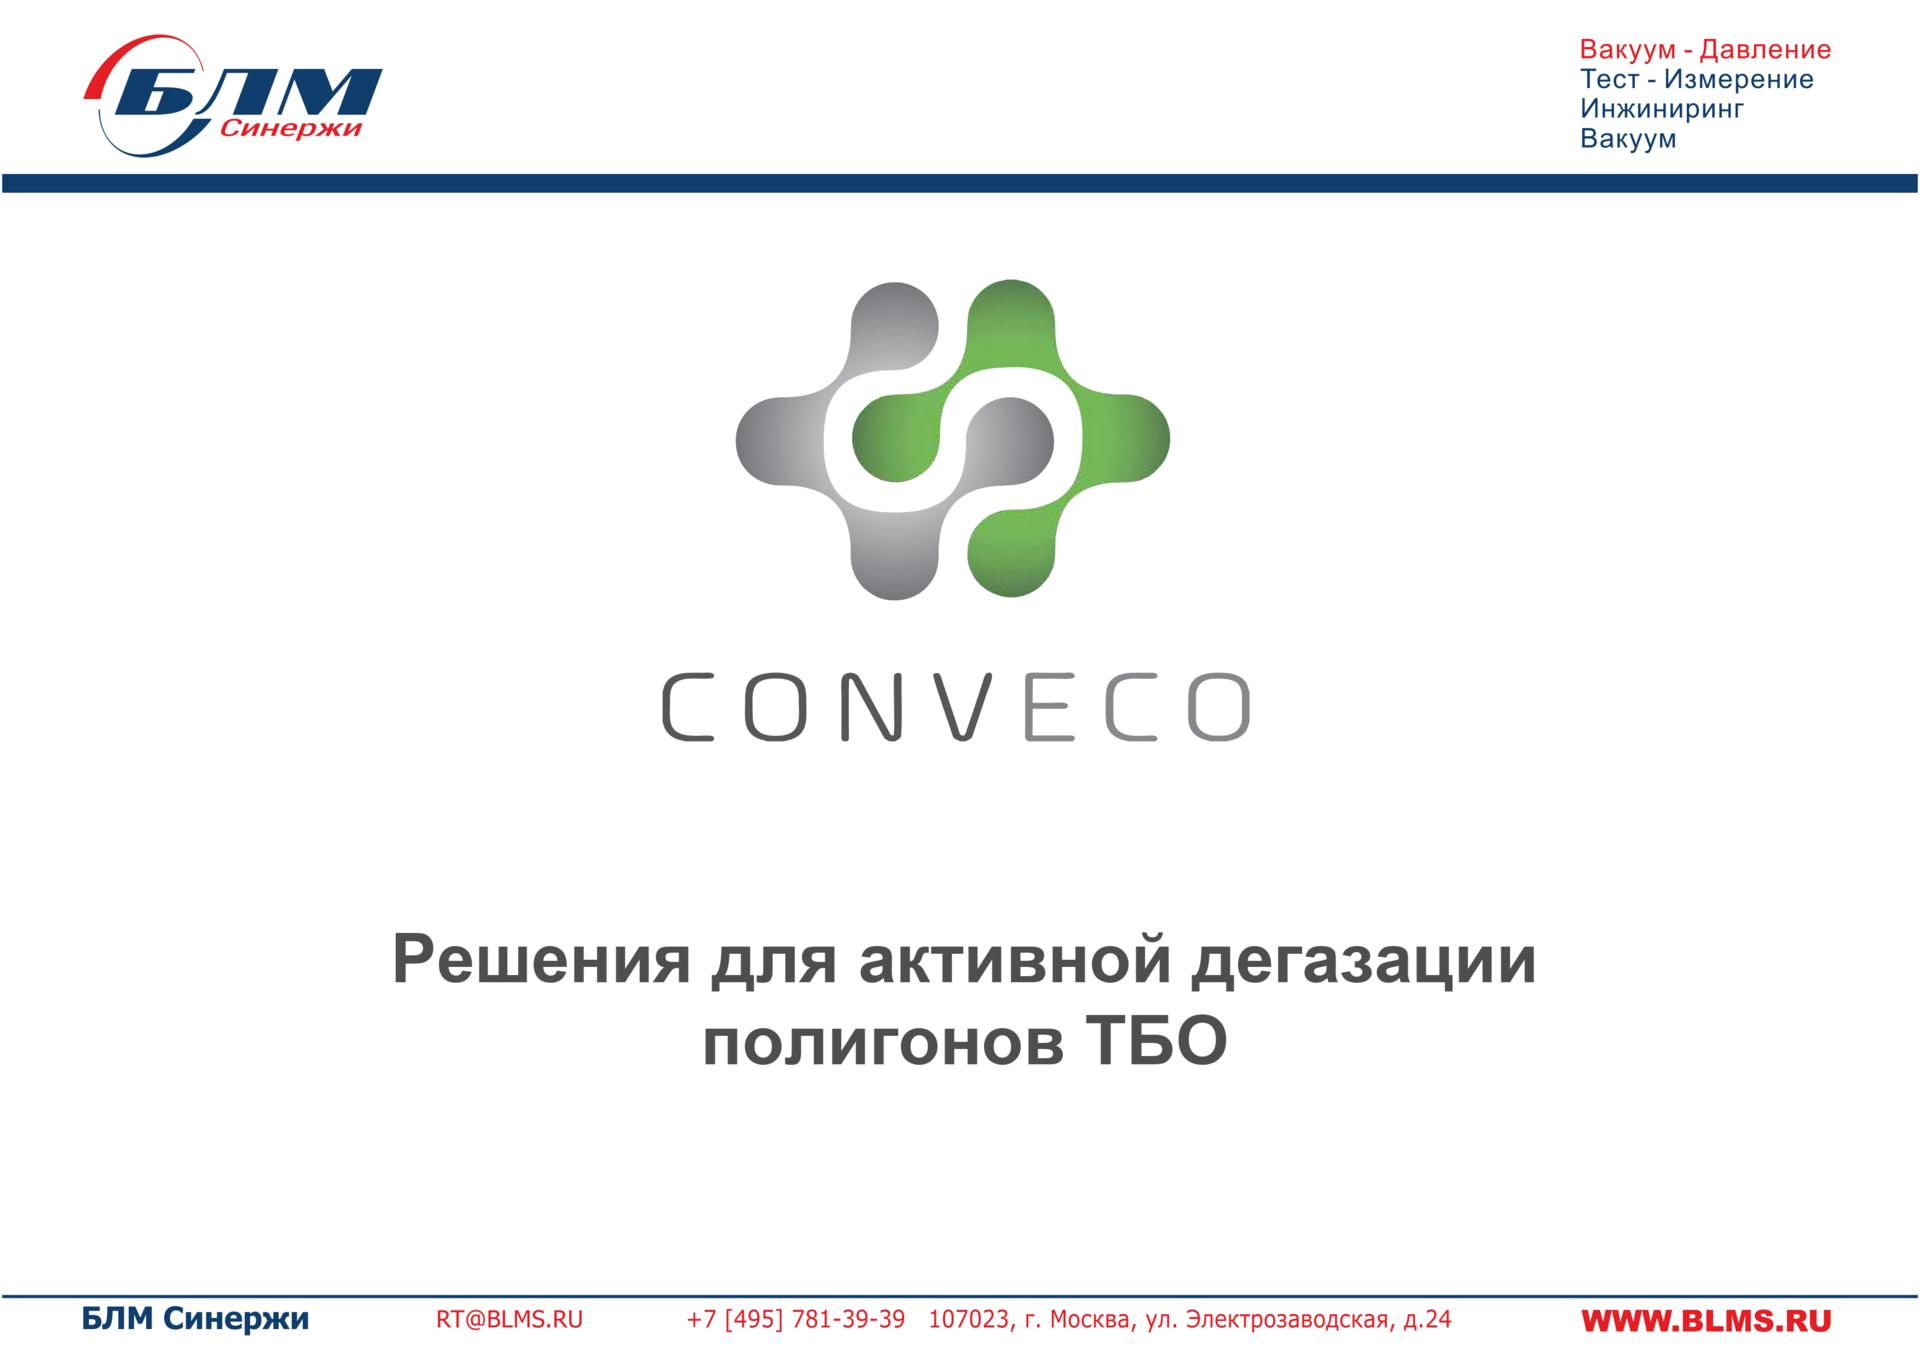 Решения БЛМ Синержи - активная дегазация полигонов ТБО